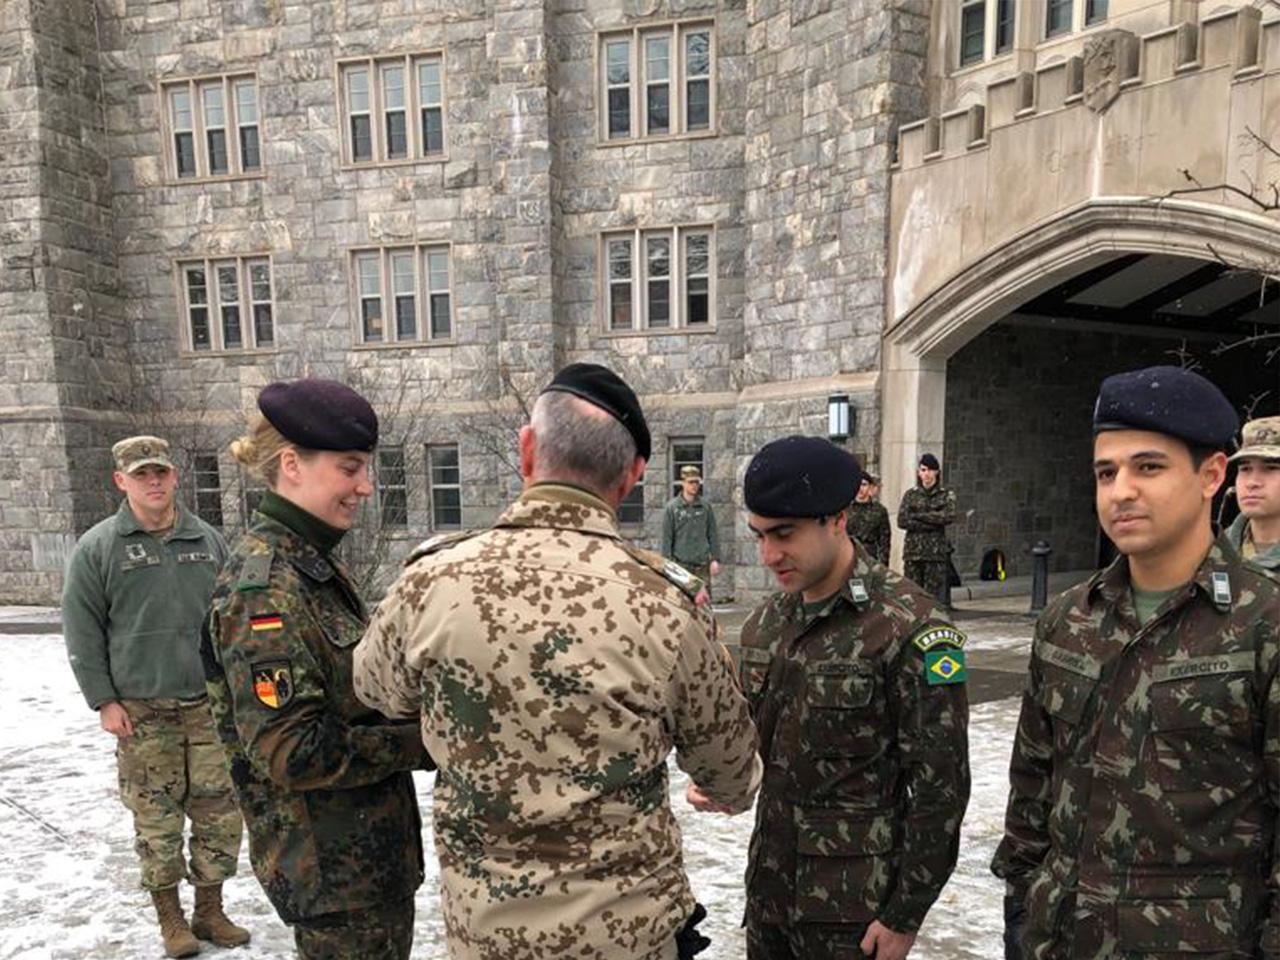 Alunos do IME são condecorados em West Point, durante intercâmbio na Academia Militar dos Estados Unidos